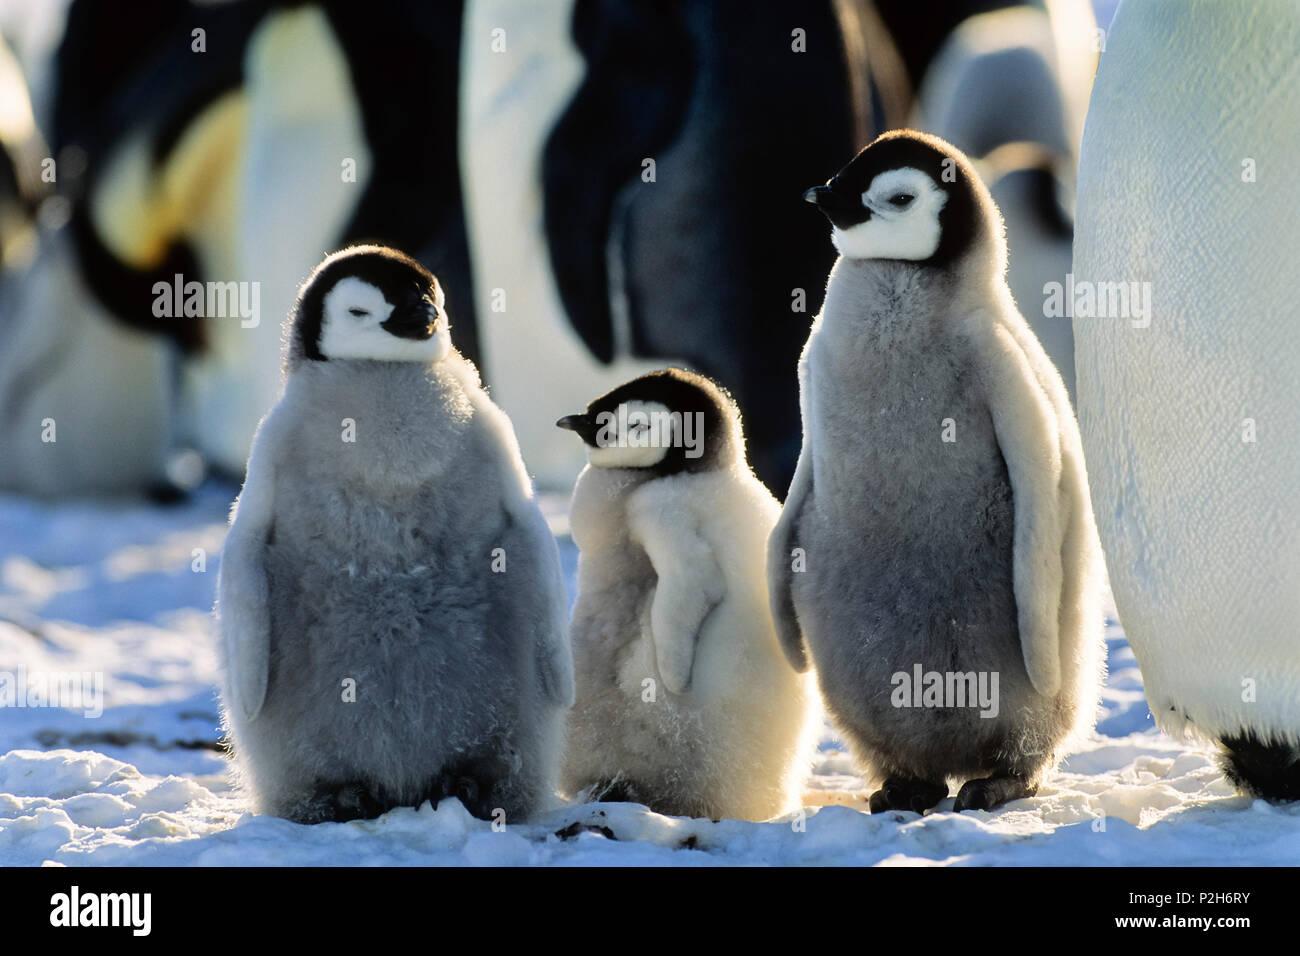 Crías de pingüino emperador aptenodytes forsteri, Mar de Weddell, en la Antártida Imagen De Stock